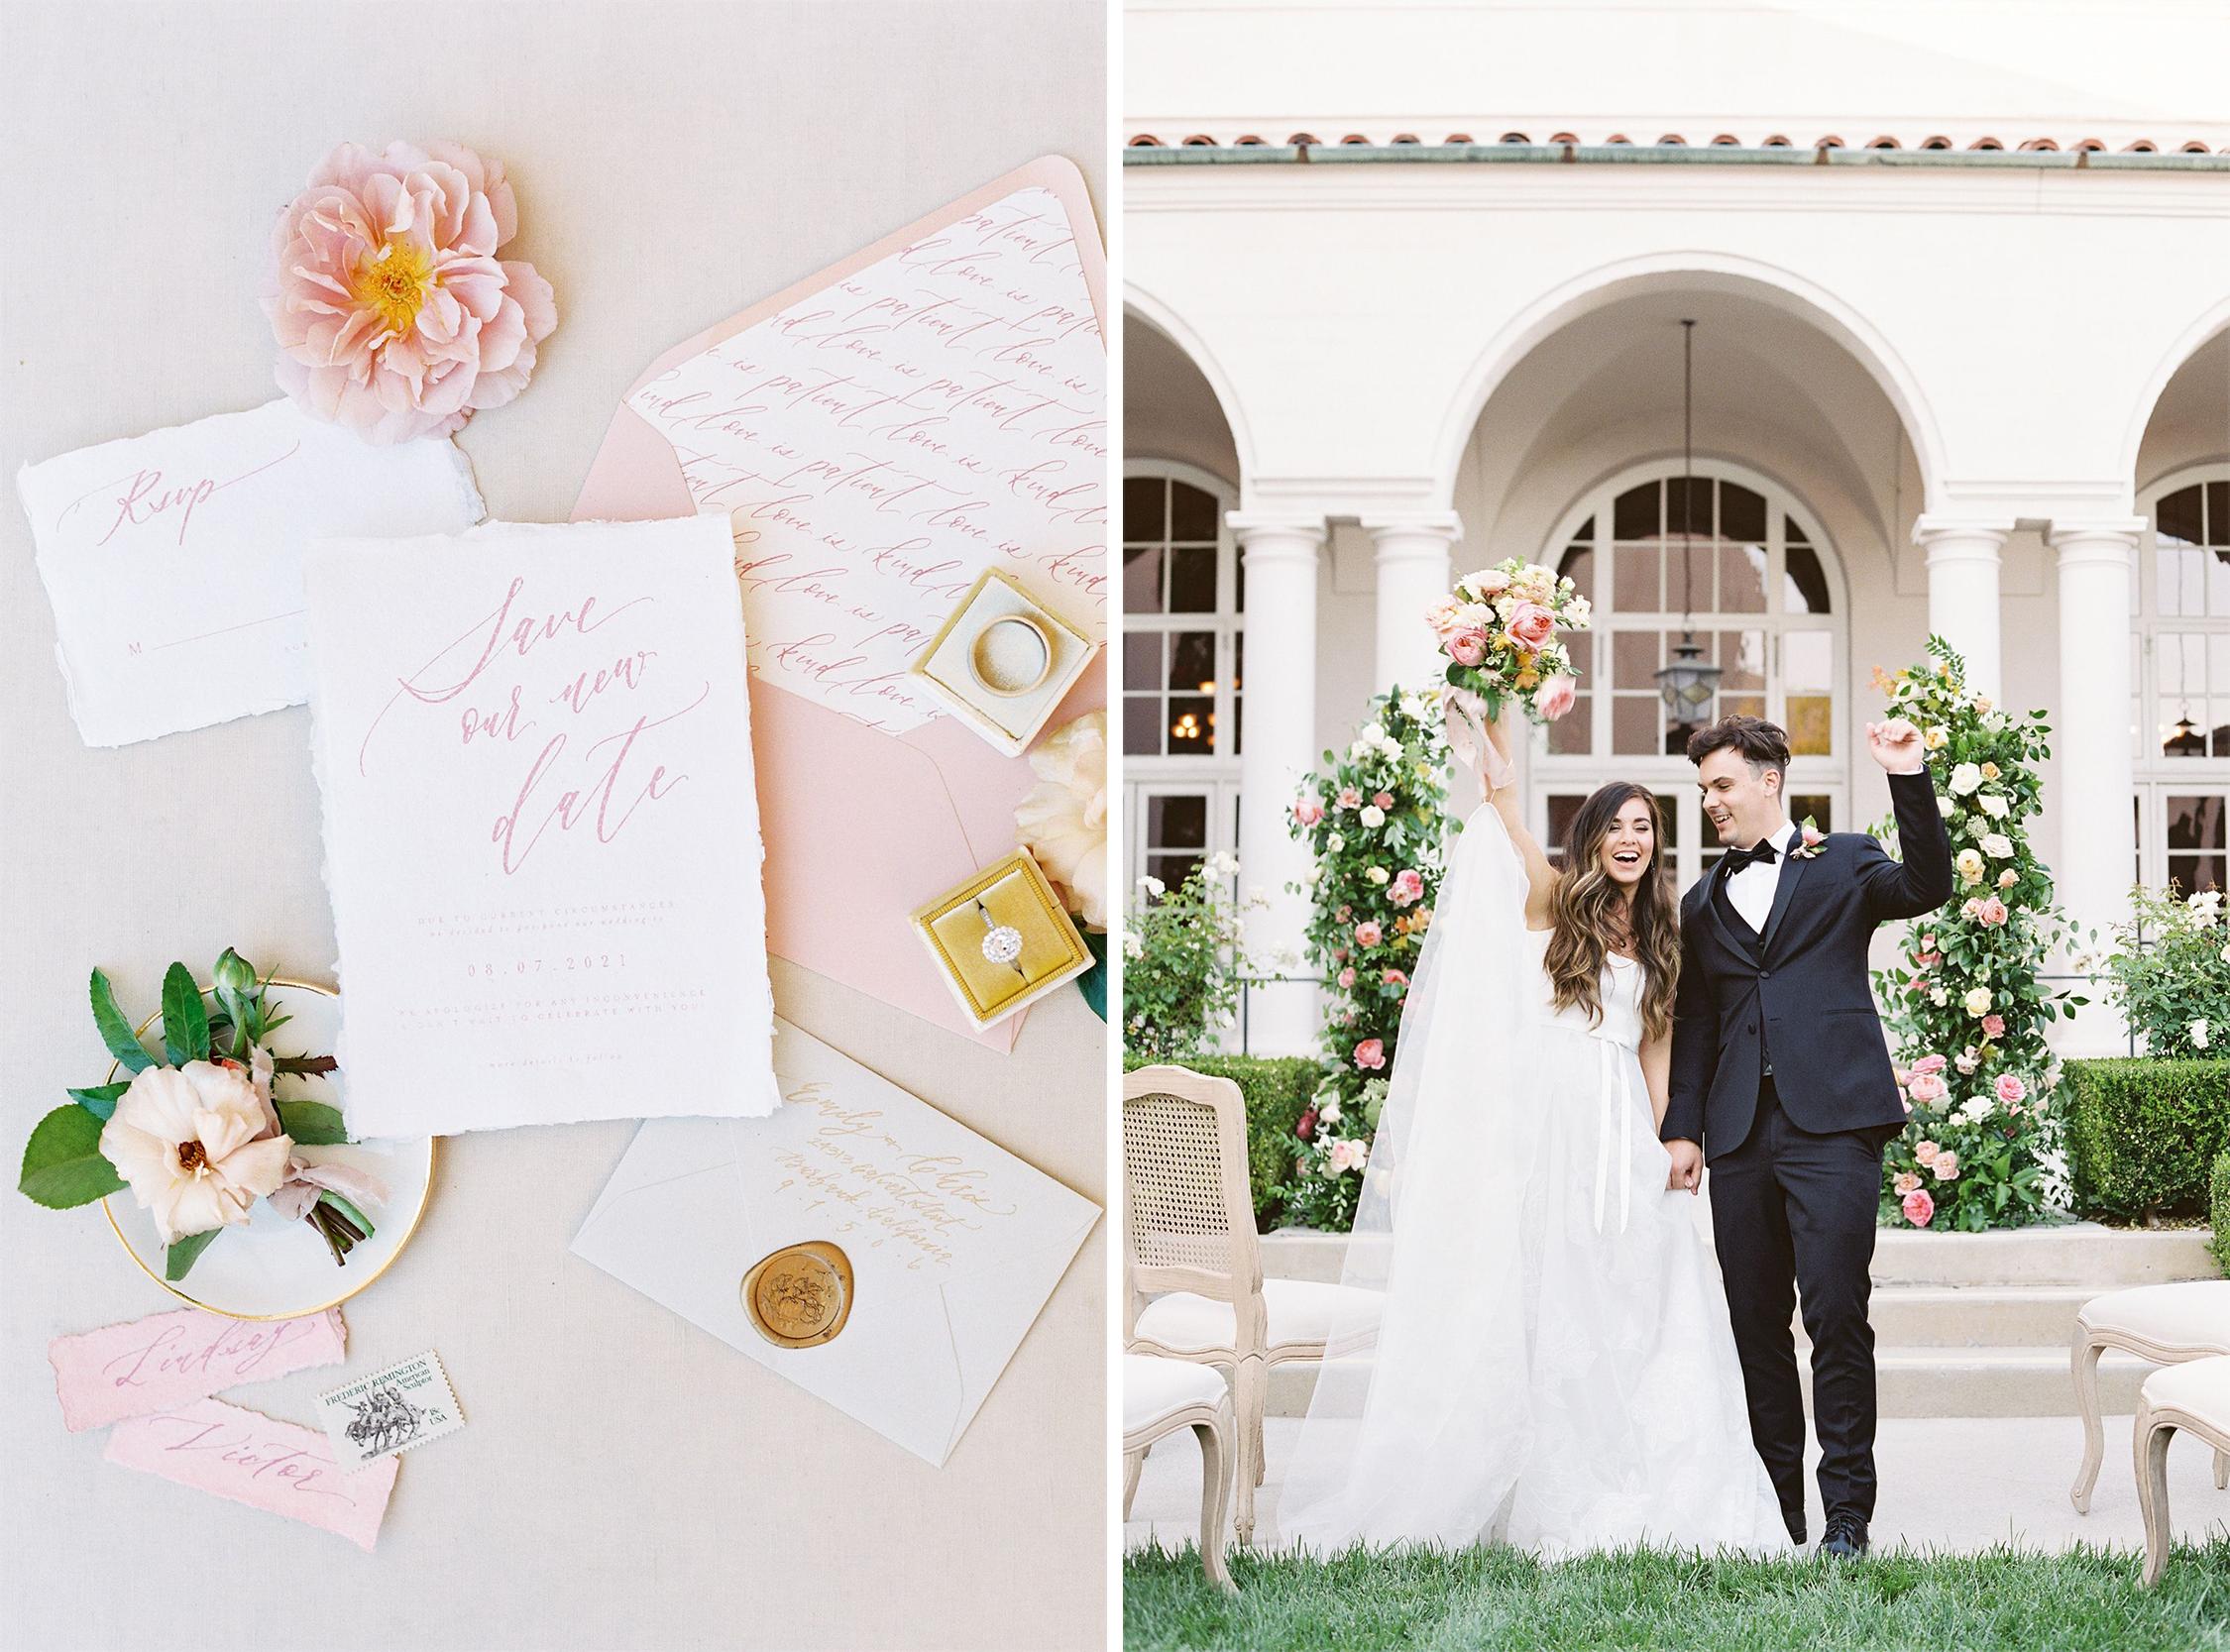 Stationery and couple celebrating